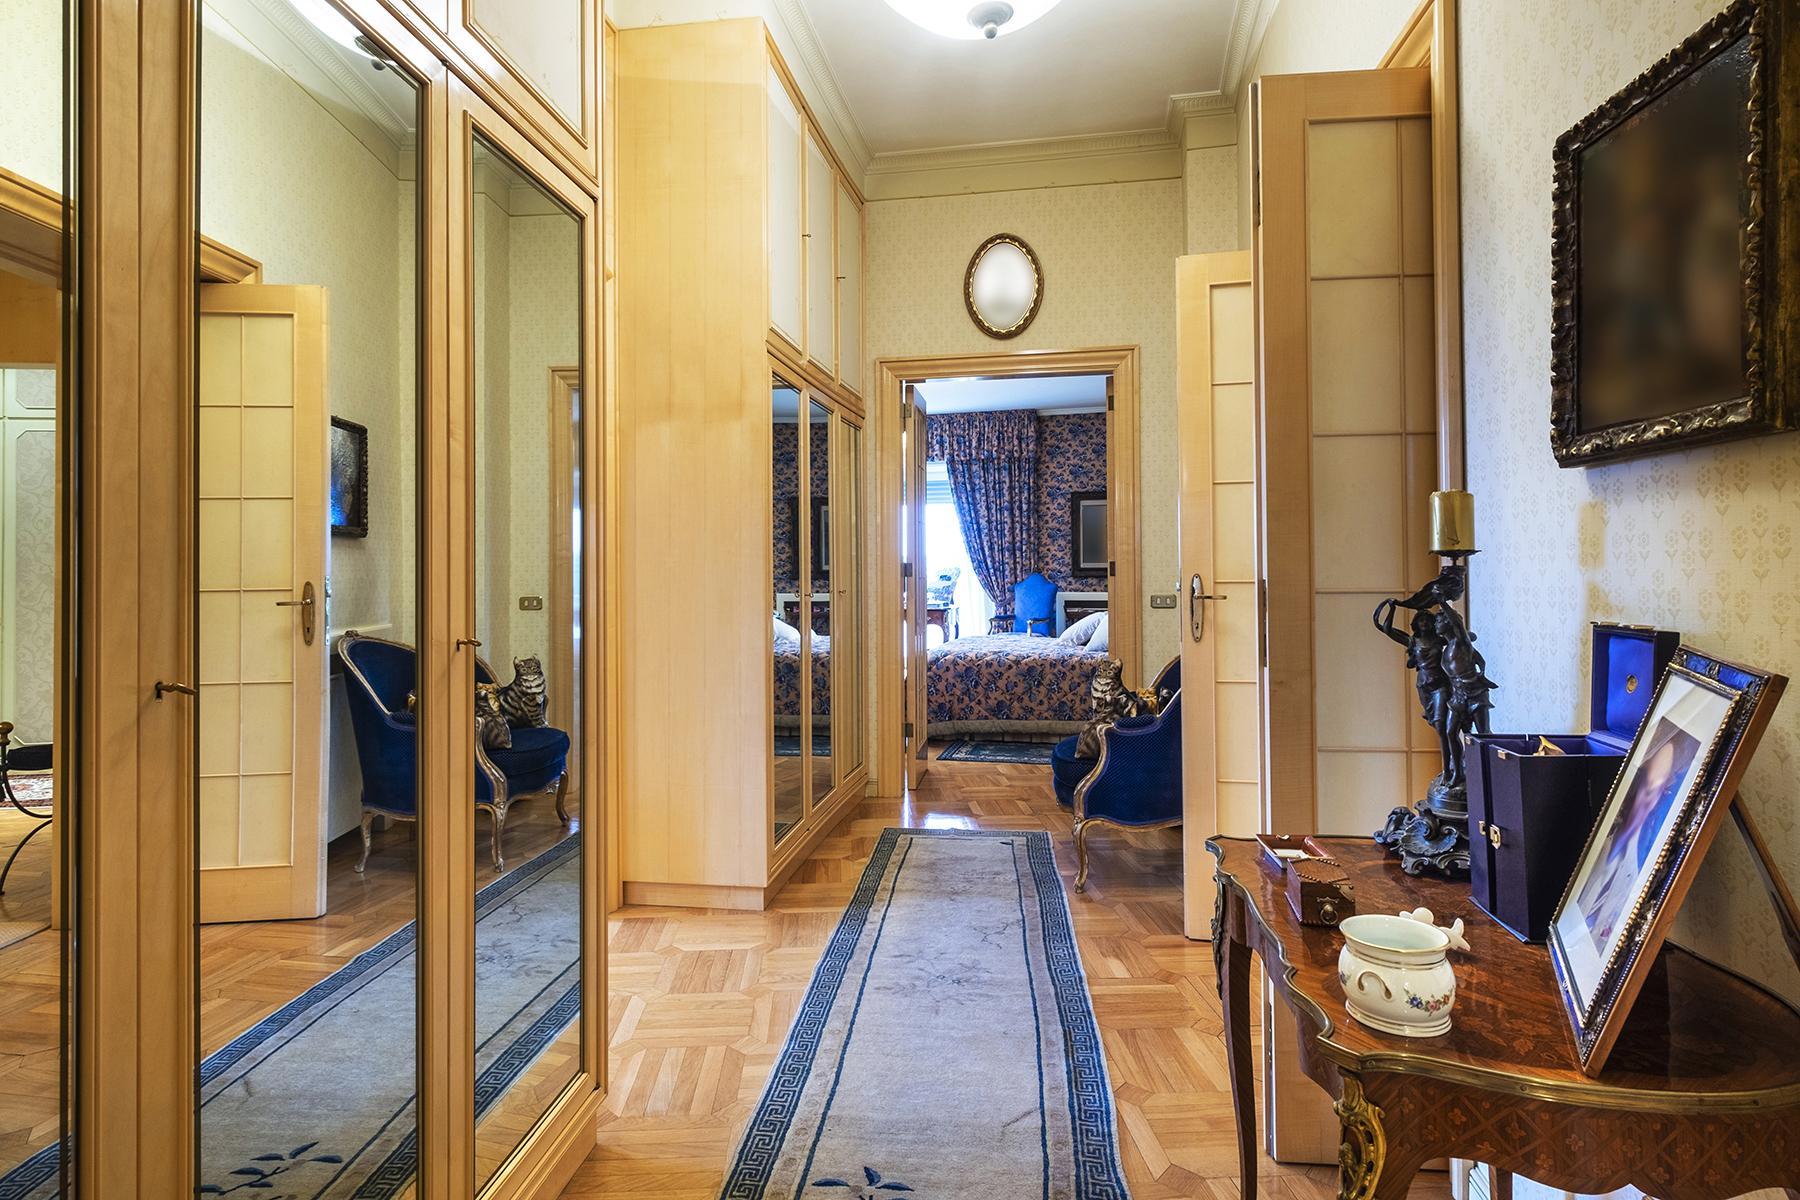 Appartamento di lusso in affitto a roma via viale bruno for Appartamento design affitto milano